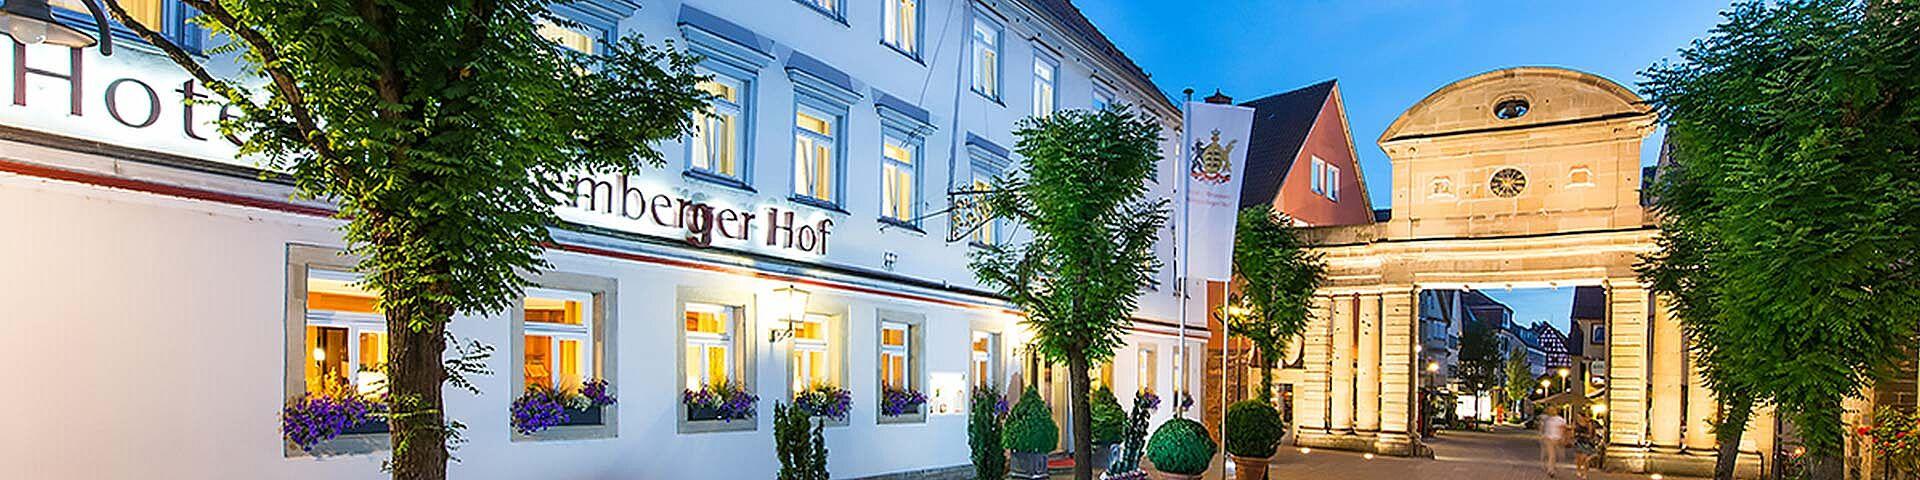 Kelheim Hotels Und Gasthöfe